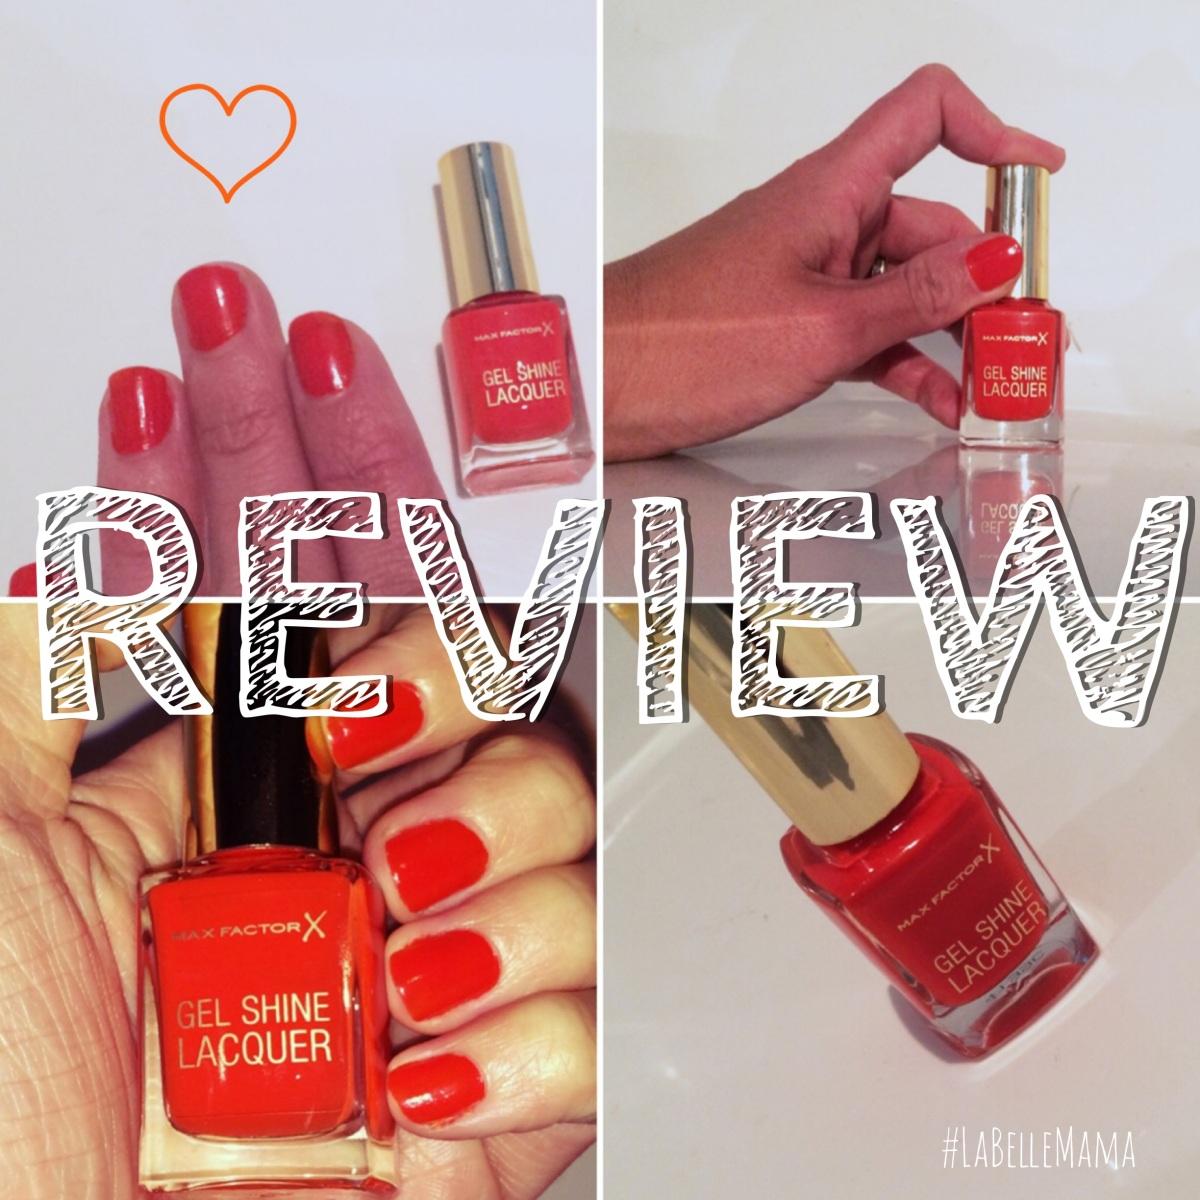 Lacquer And Nail Polish: Review: Max Factor Gel Shine Lacquer Nail Polish